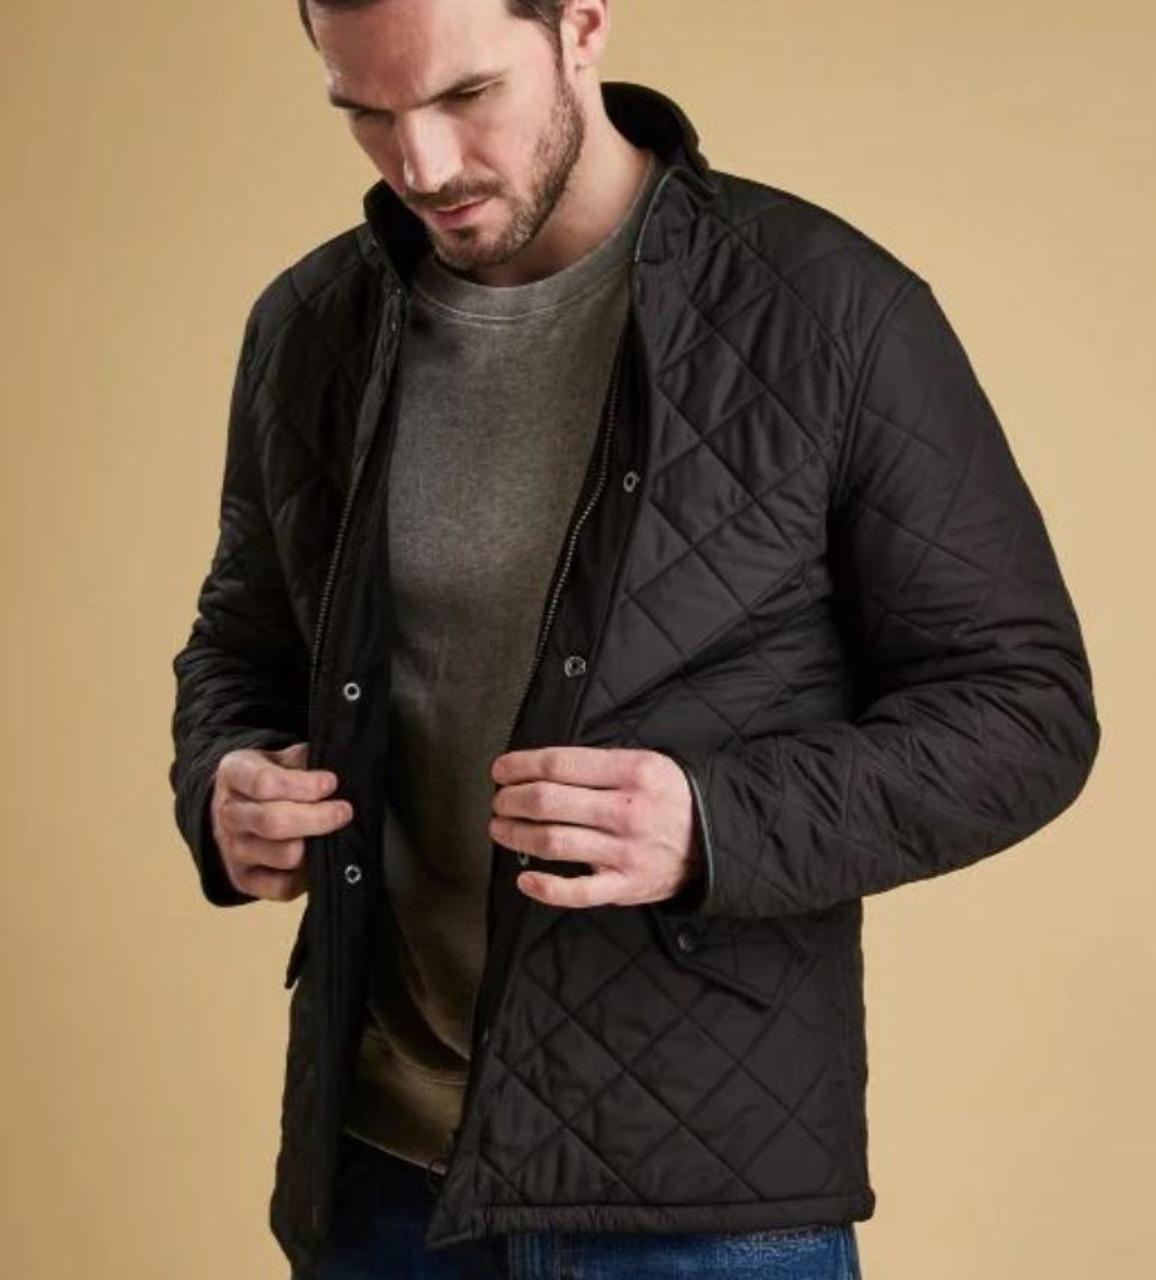 Barbour quilted vest mens forex metatrader 4 demo